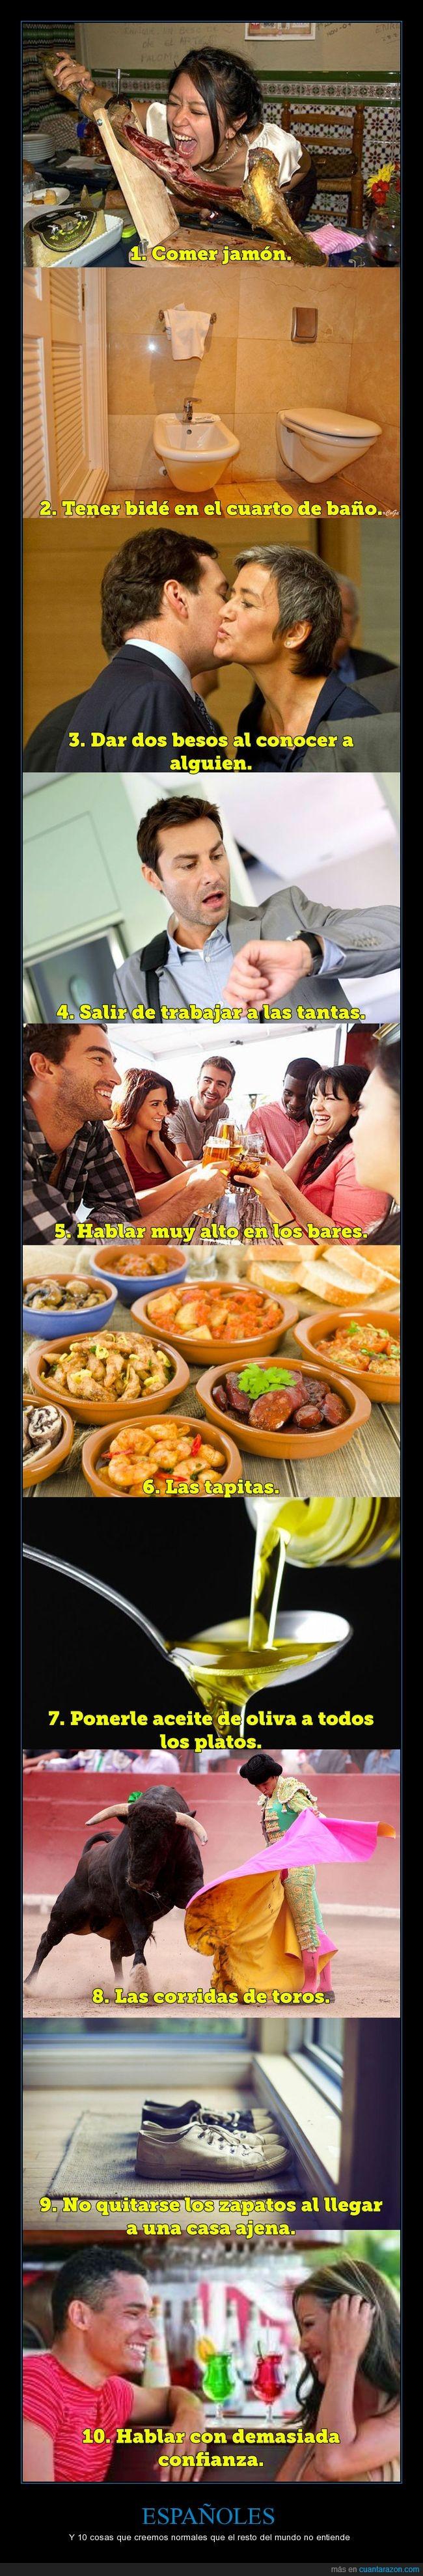 costumbres,españa,españoles,tradiciones